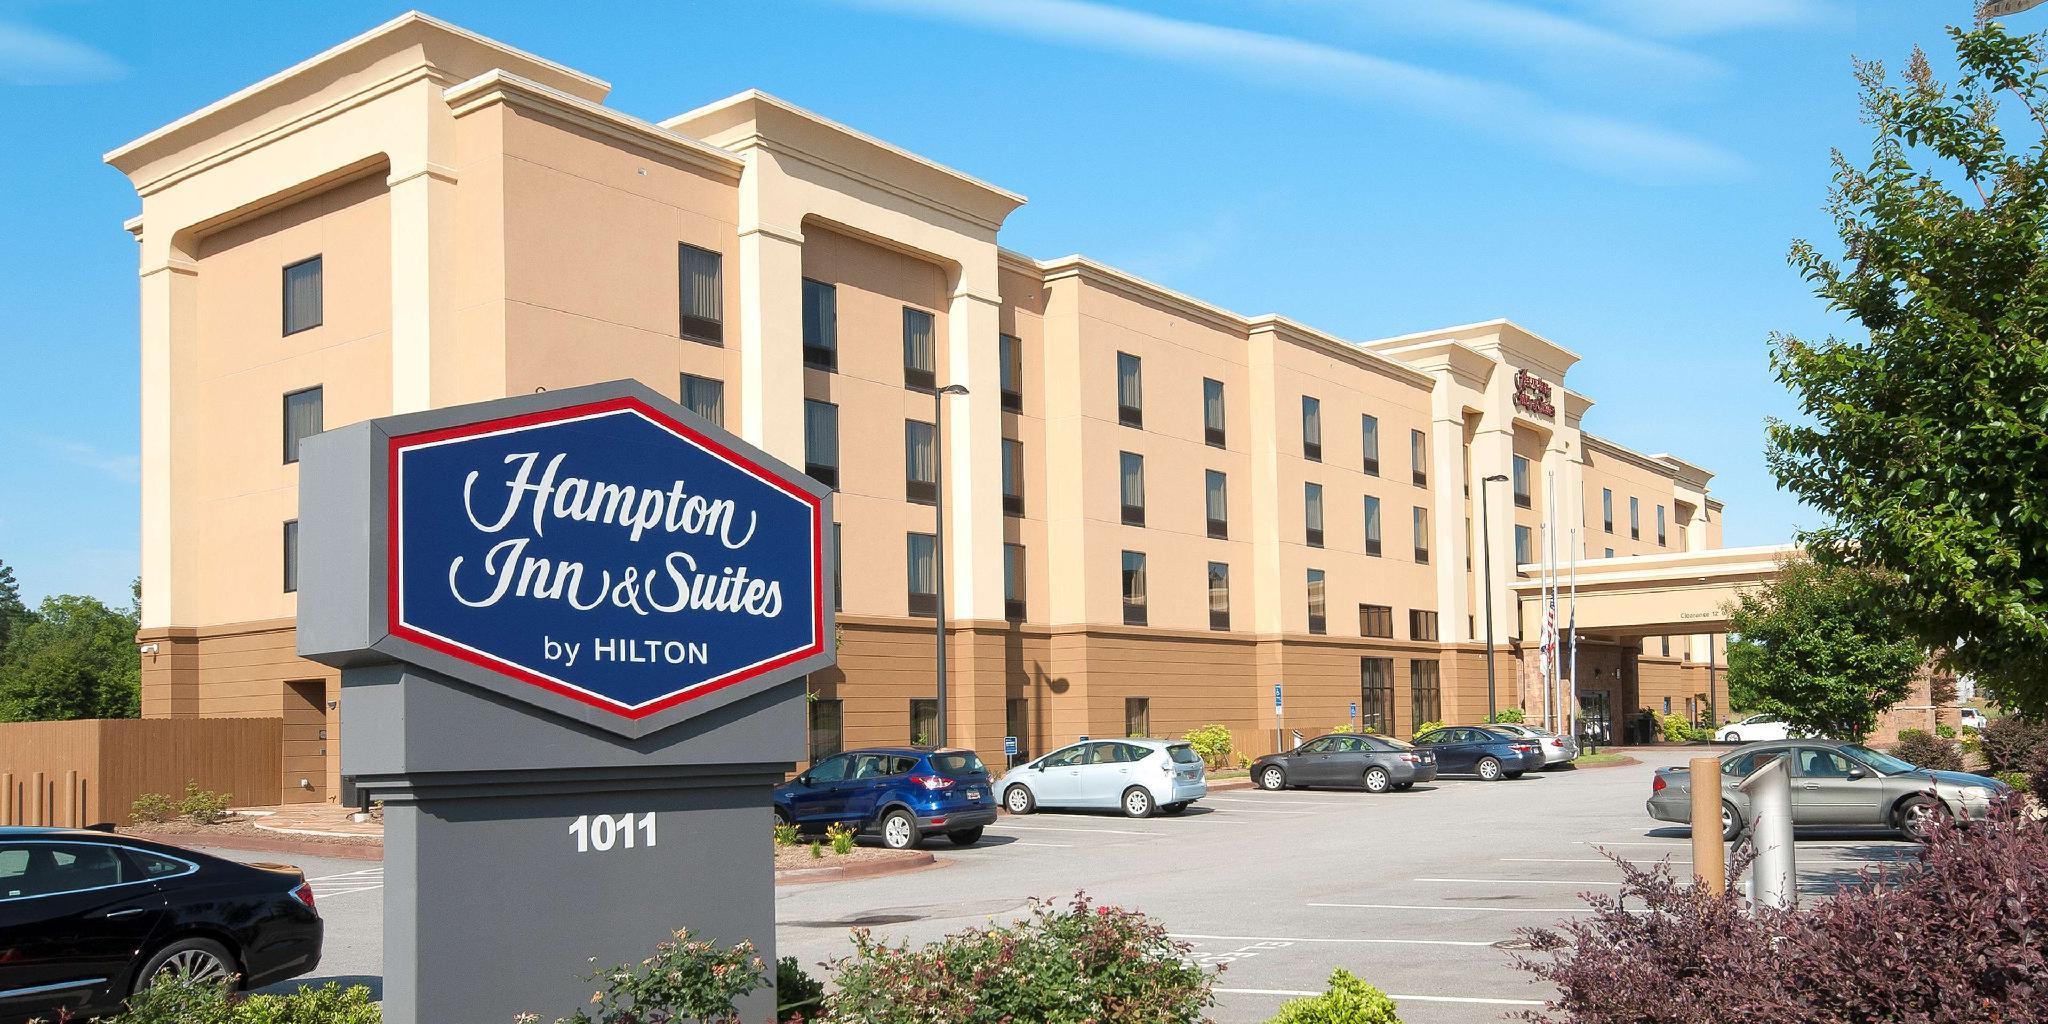 Hampton Inn And Suites Seneca